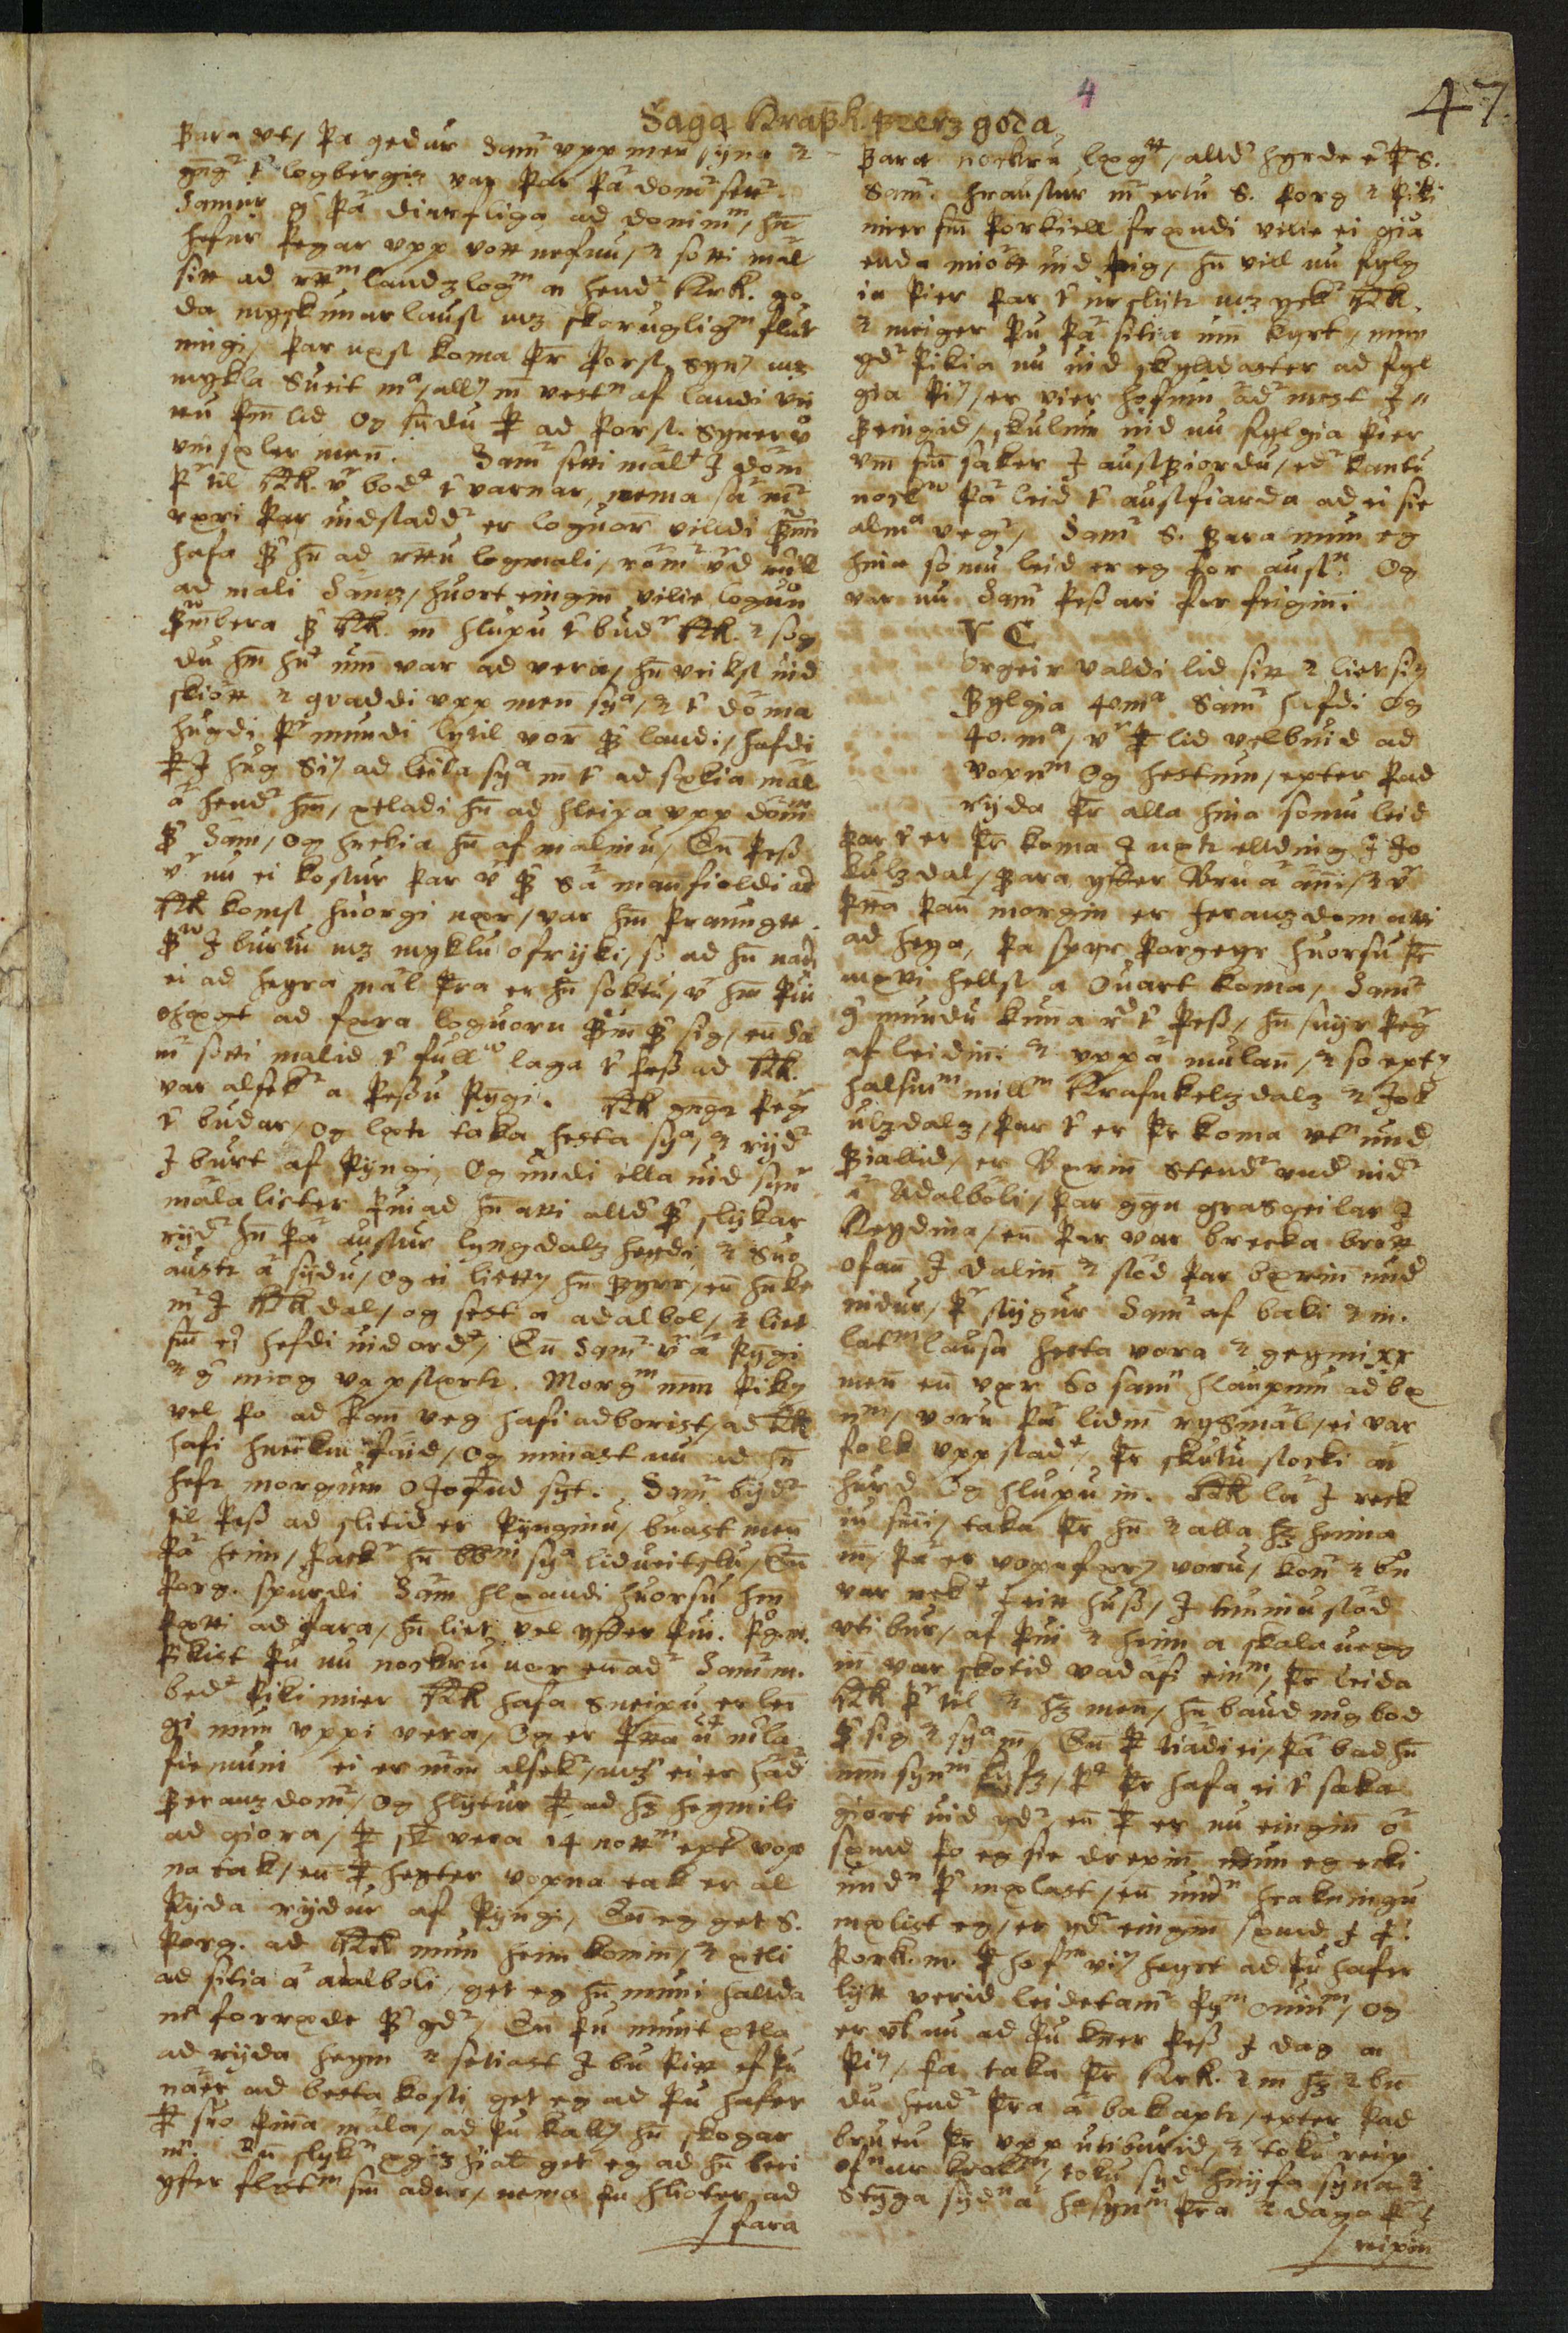 AM 158 fol - 4r